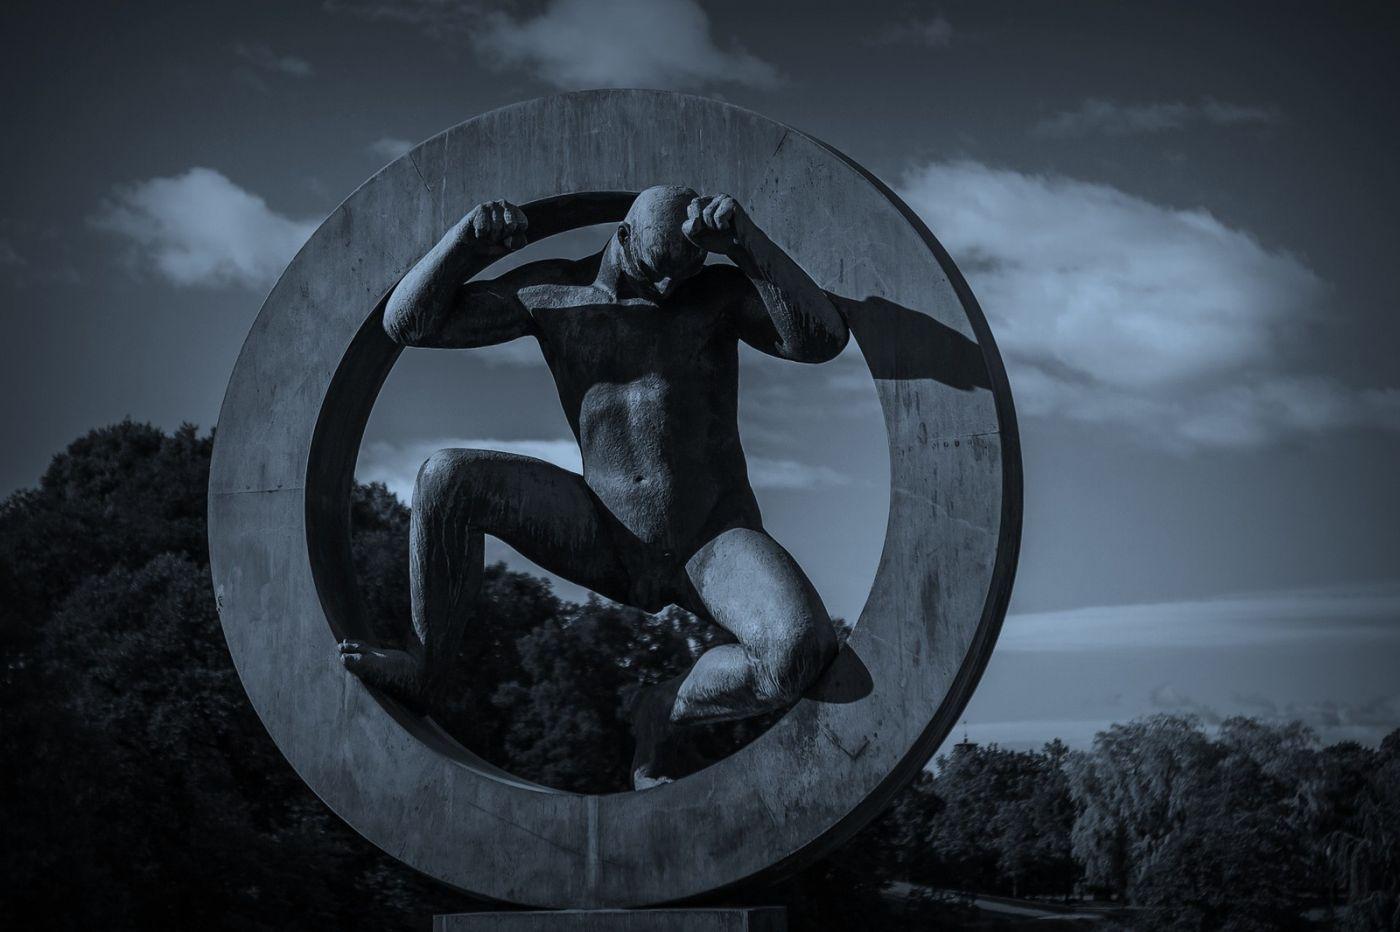 挪威维格兰雕塑公园,艺术的确来自生活_图1-15